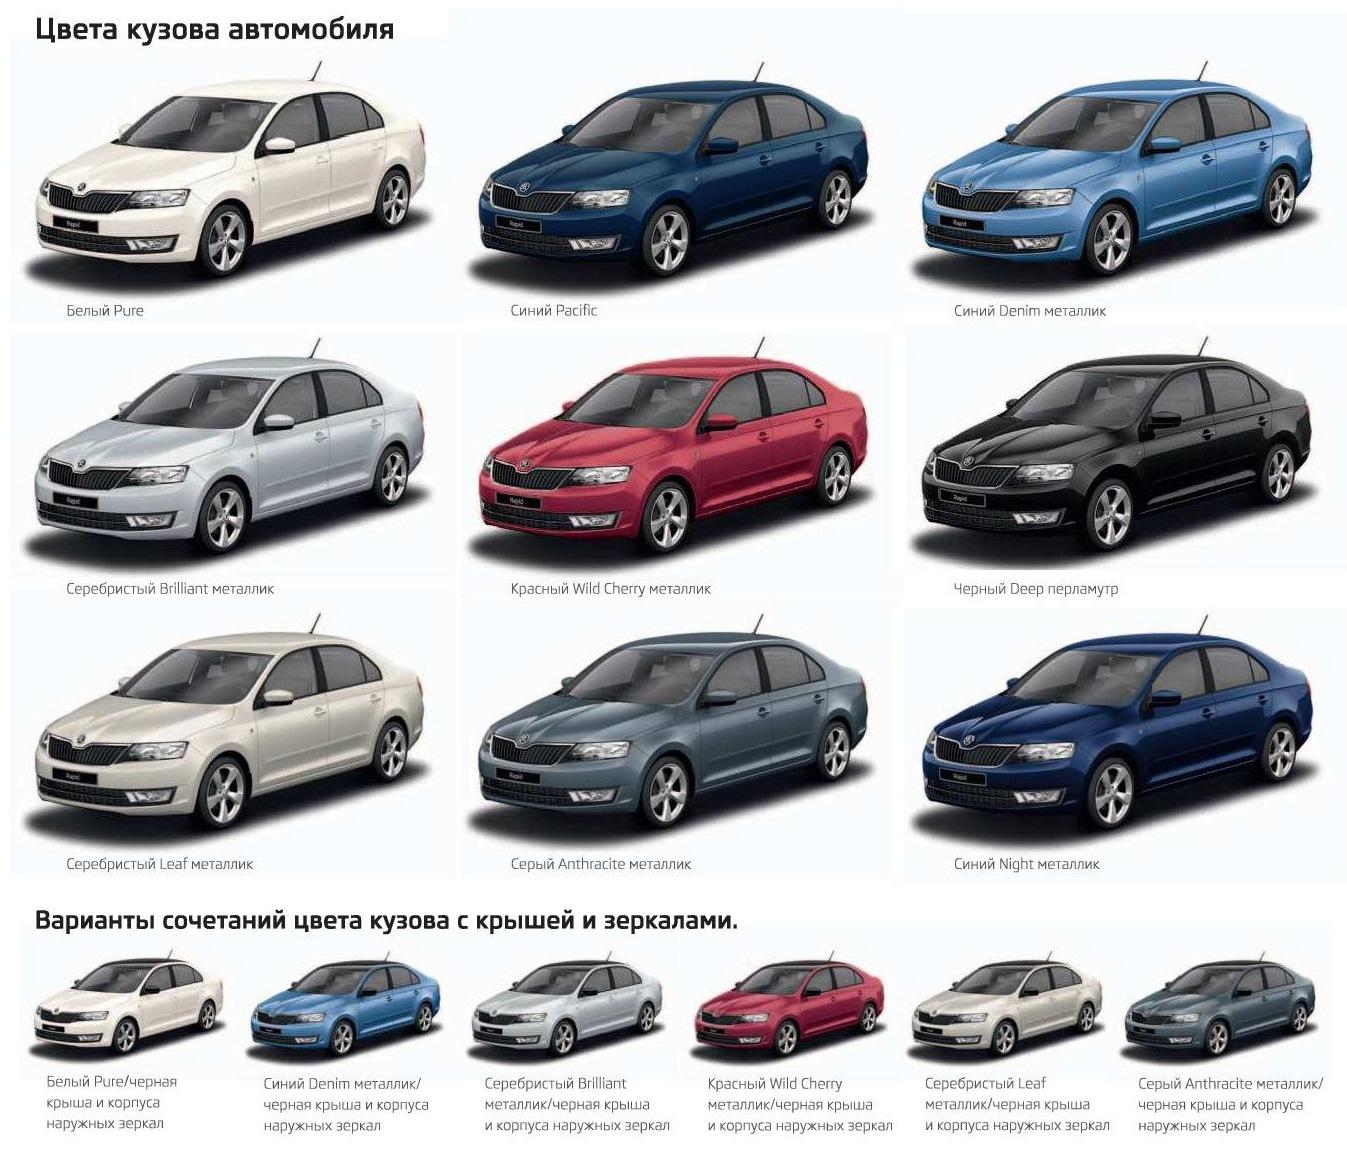 цвета автомобилей ваз на примере фотографий машин определить возраст